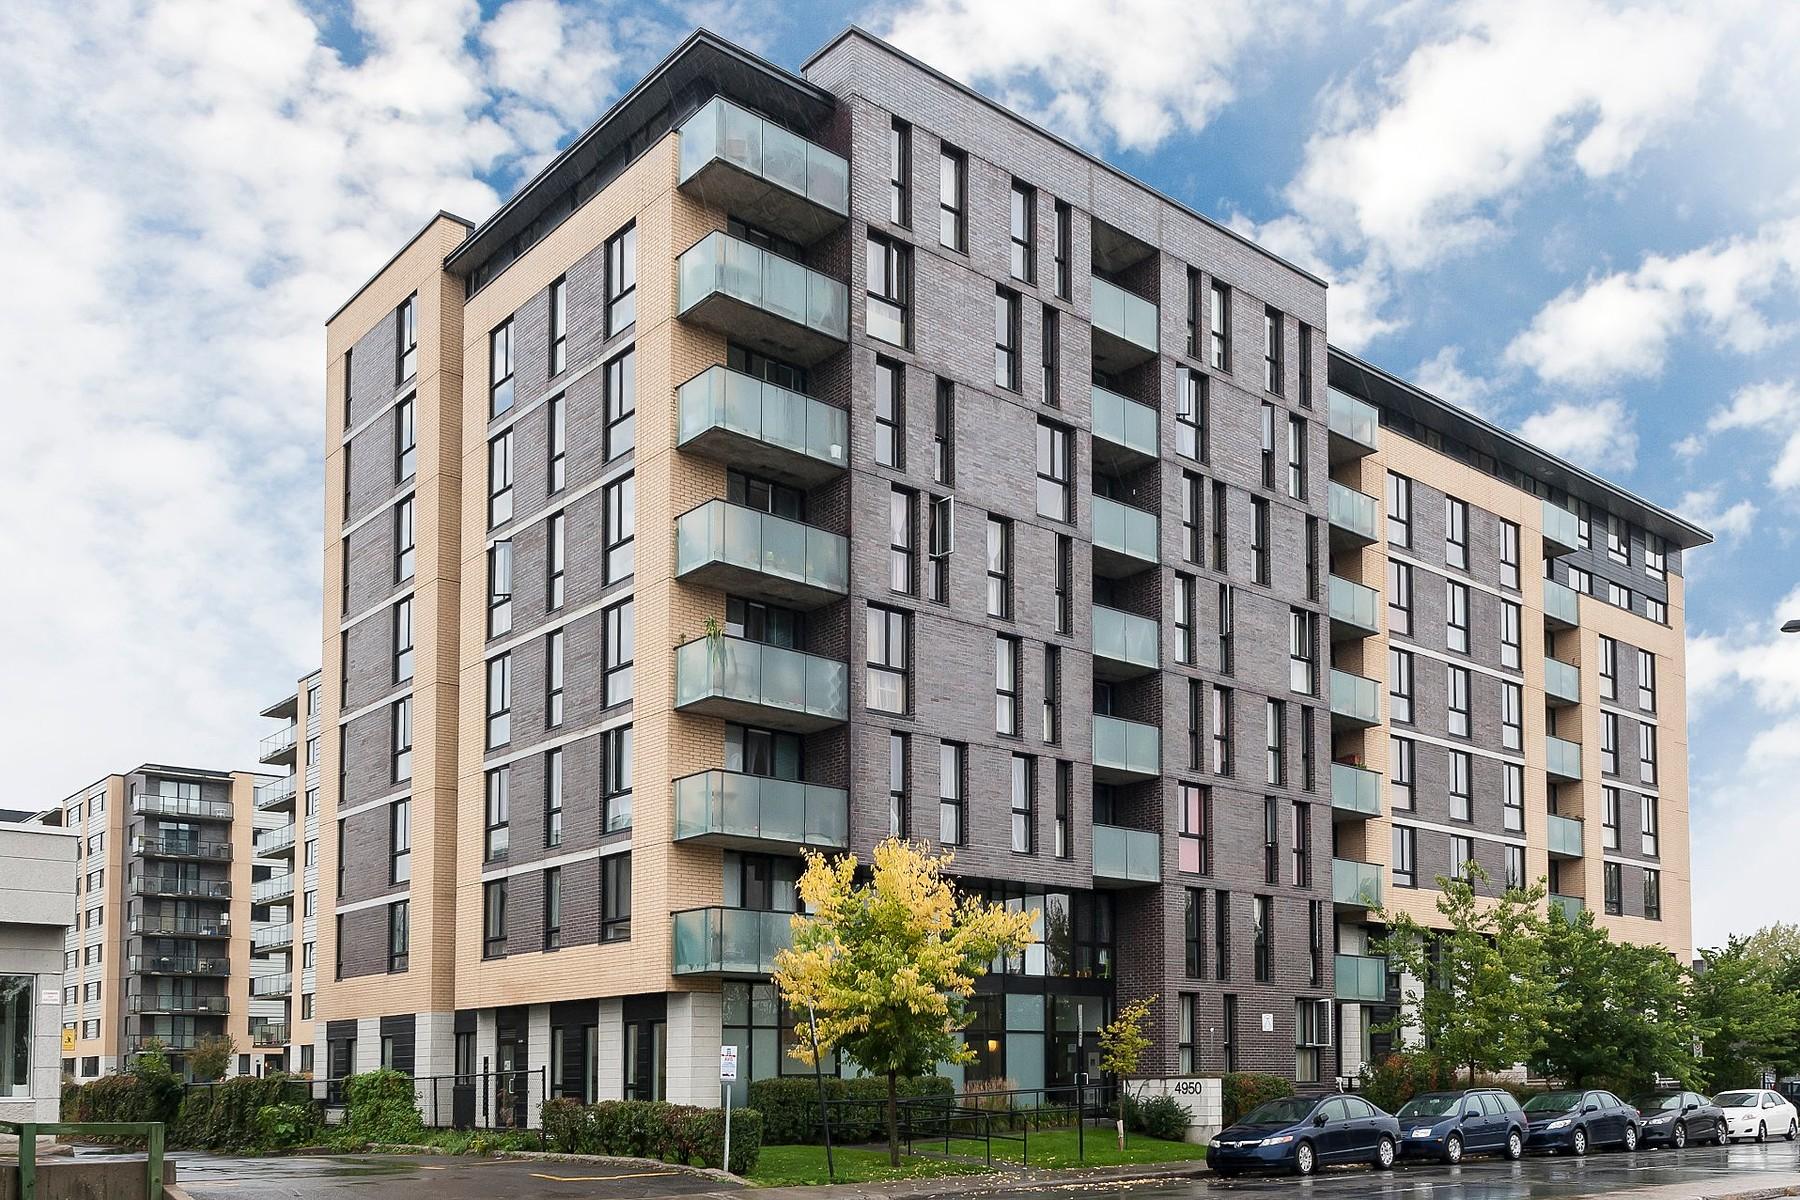 Condominium for Sale at Côte-des-Neiges Notre-Dame-de-Grâce, Montréal 4950 Rue de la Savane, Apt. 104 Cote Des Neiges Notre Dame De Grace, Quebec H4P1T7 Canada